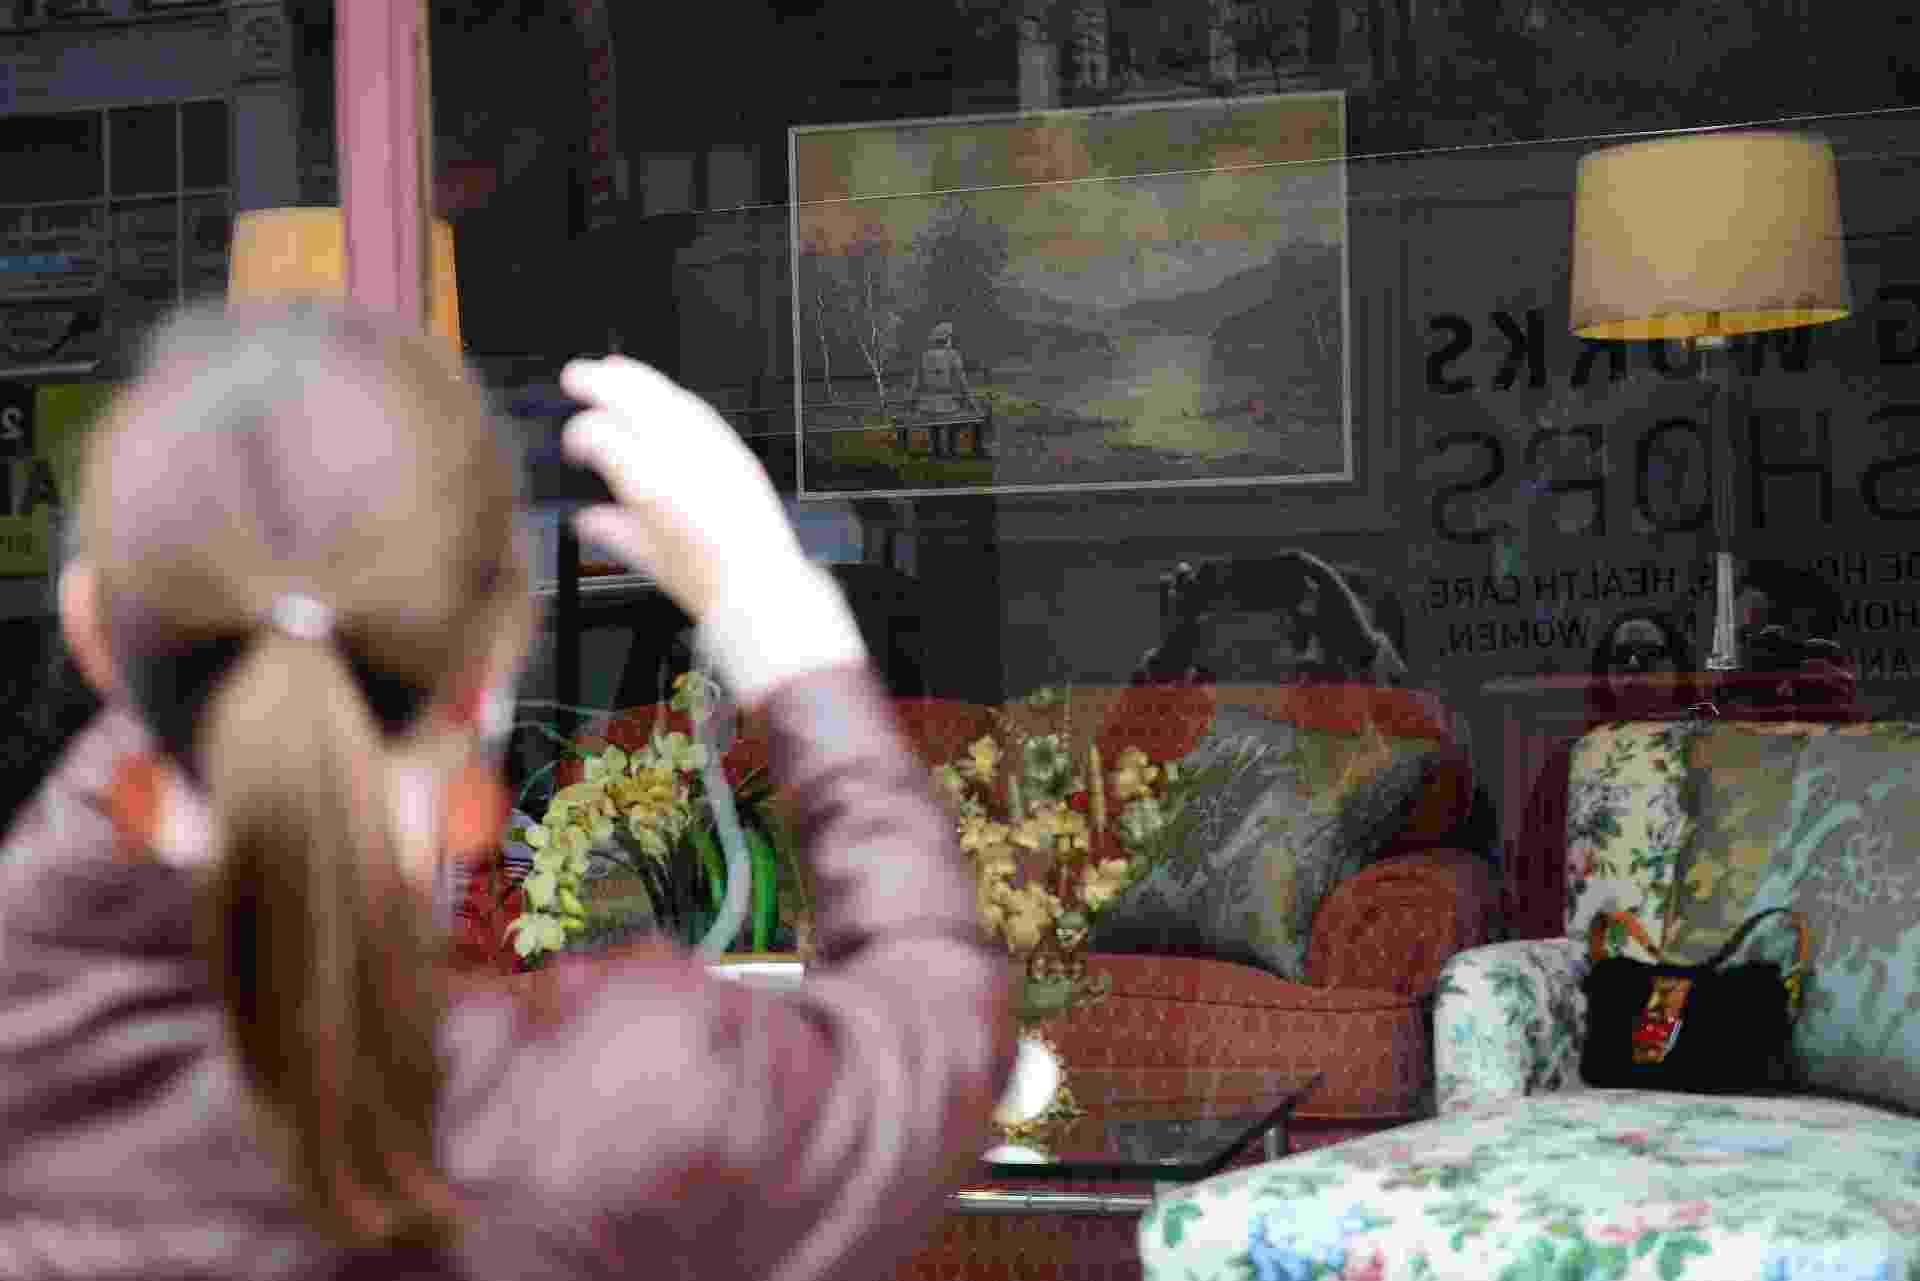 """30.out.2013 - Mulher fotografa obra """"vandalizada"""" por Banksy. O grafiteiro a comprou por US$ 50 dólares e a devolveu com uma imagem extra: um nazista sentado junto à paisagem - AFP"""